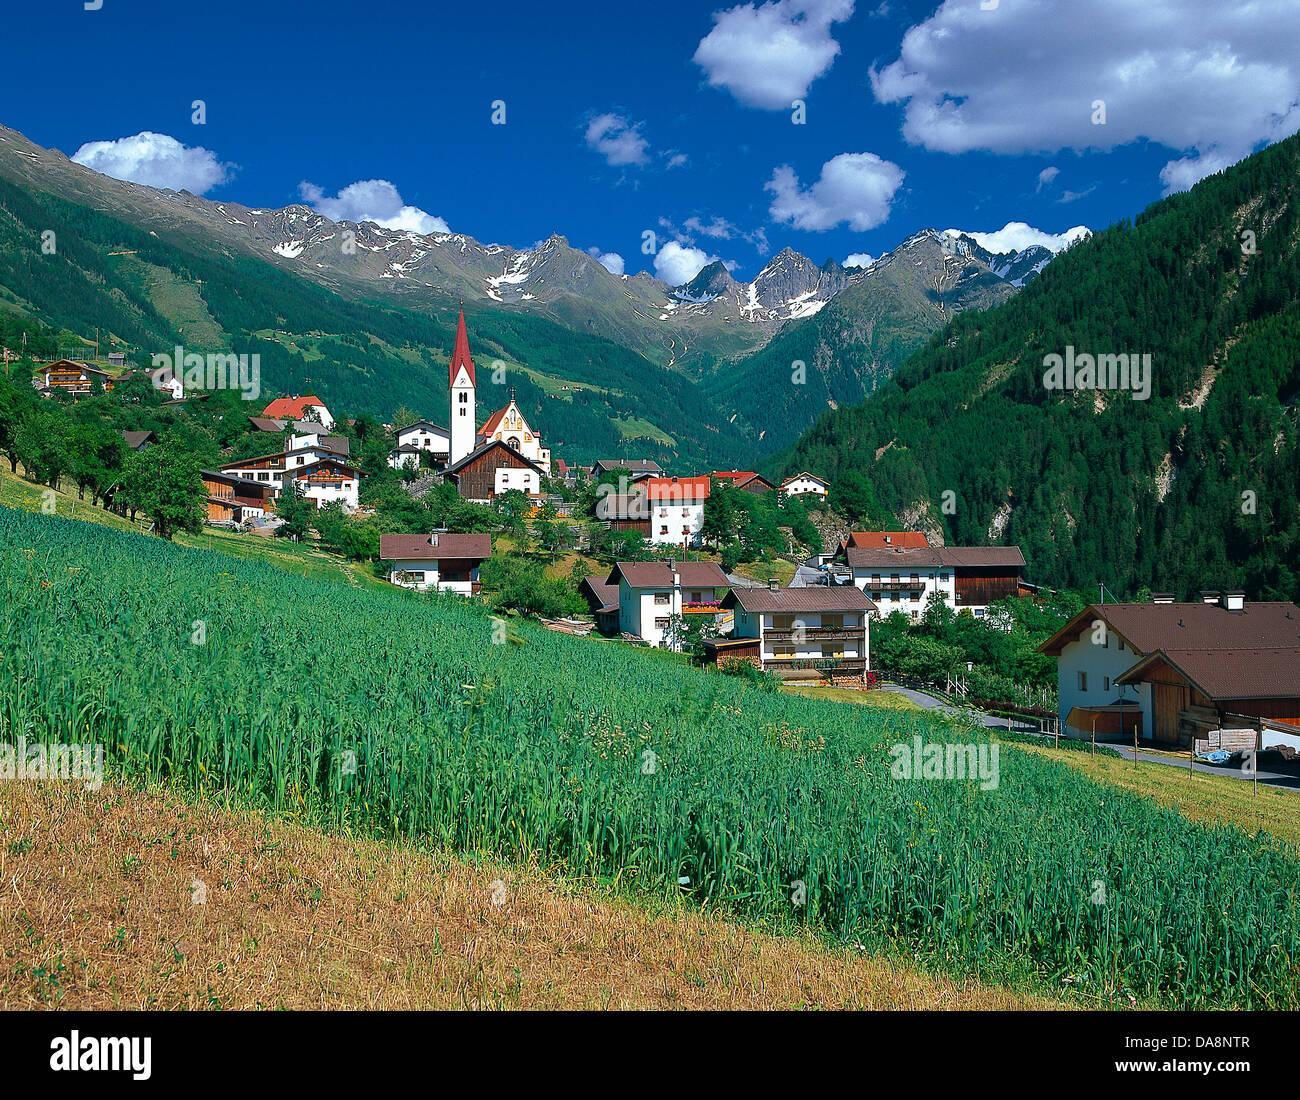 Österreich, Europa, Tirol, Kaunertal, Kauns, Bergdorf